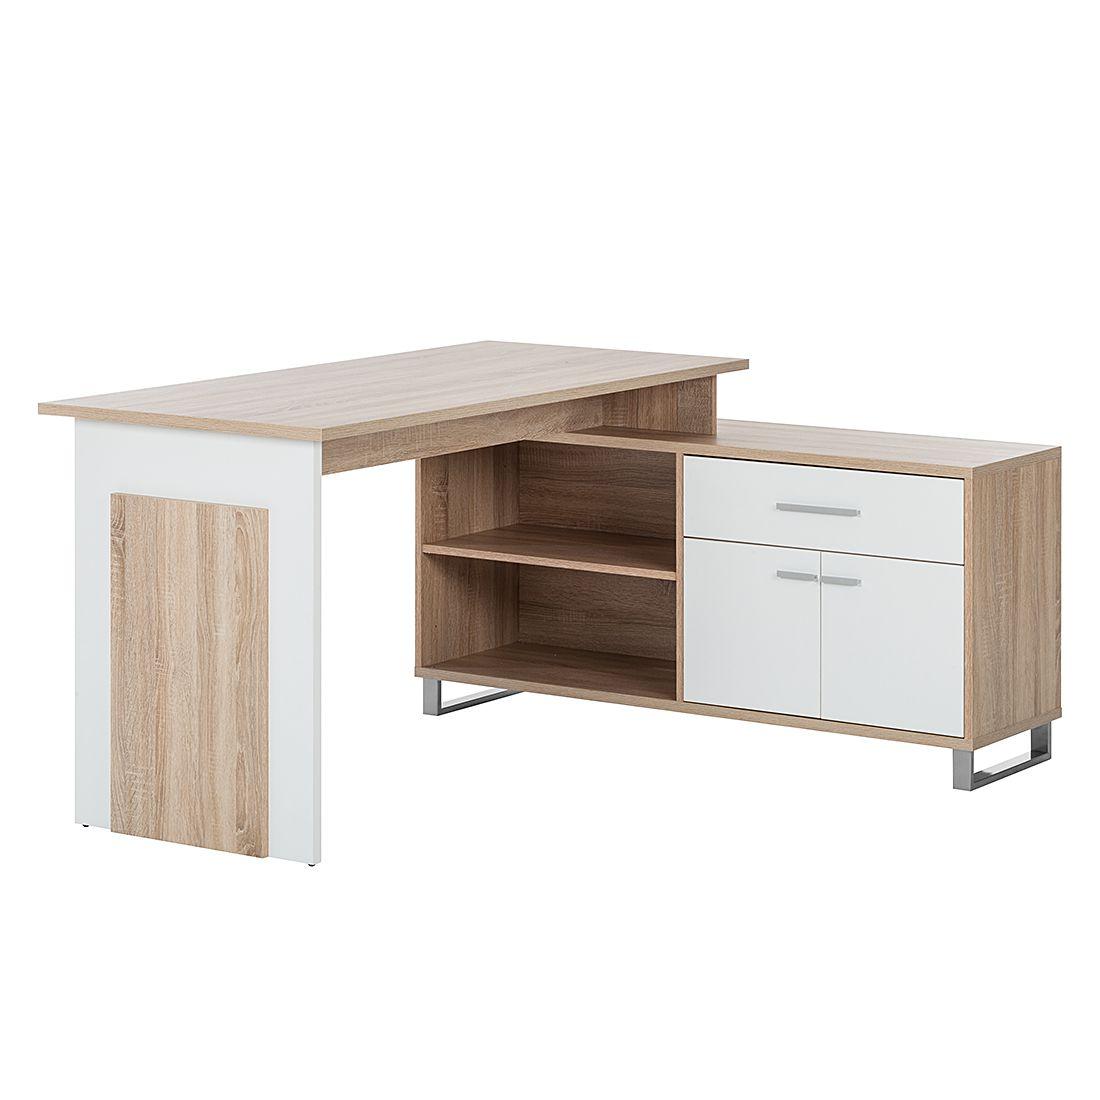 Schreibtisch Maxim Buromobel Design Buroraumgestaltung Arbeitszimmer Raumgestaltung